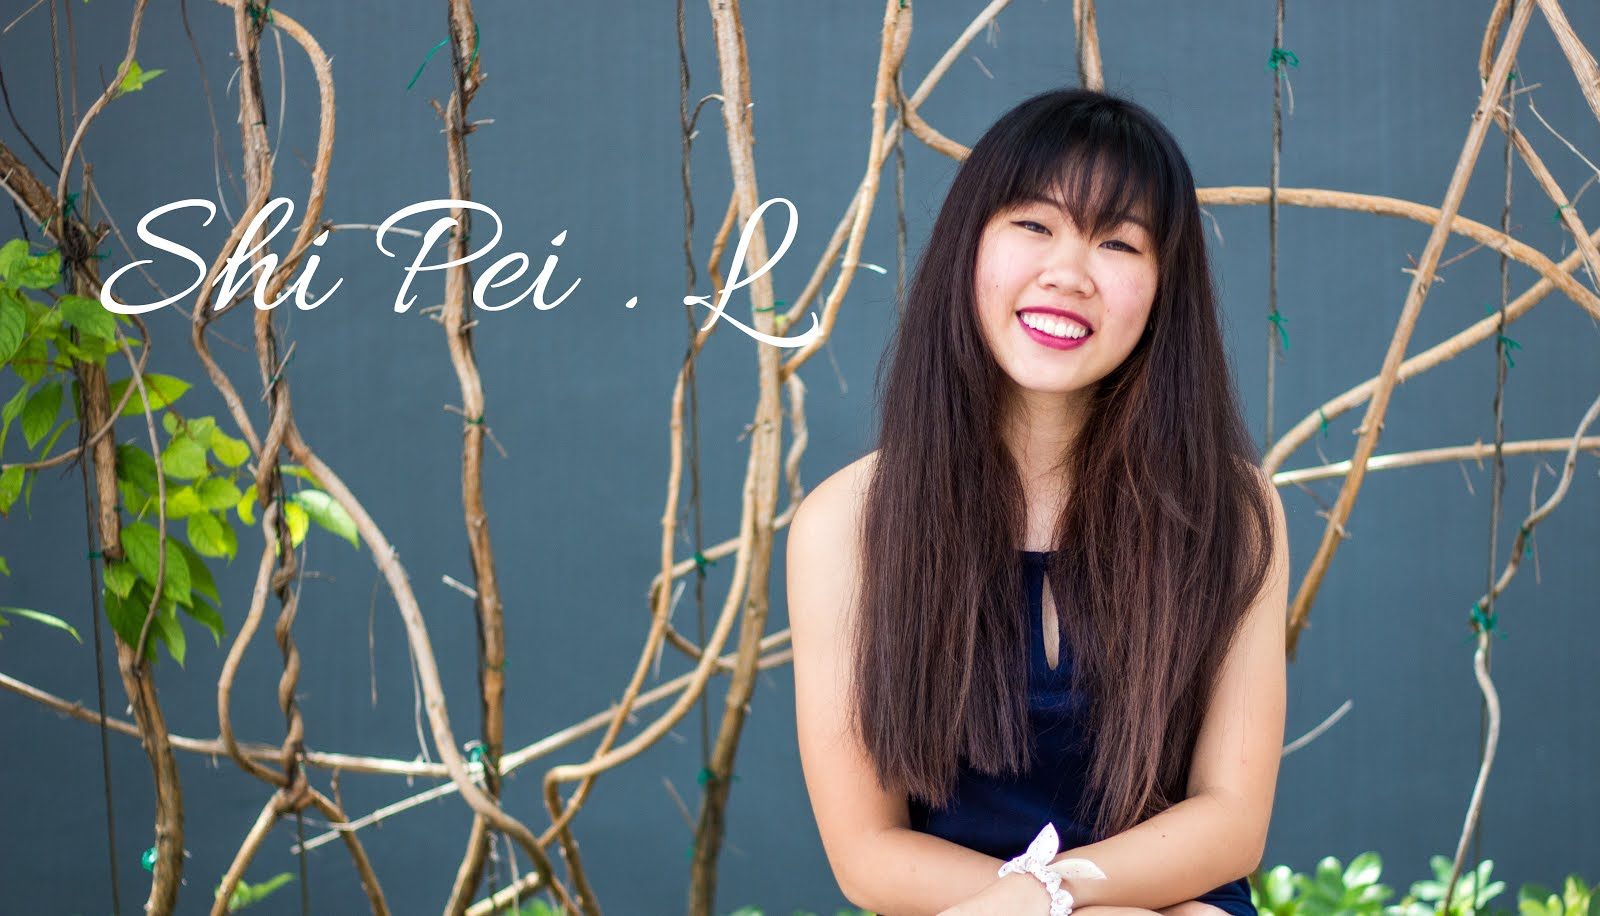 Shi Pei .L